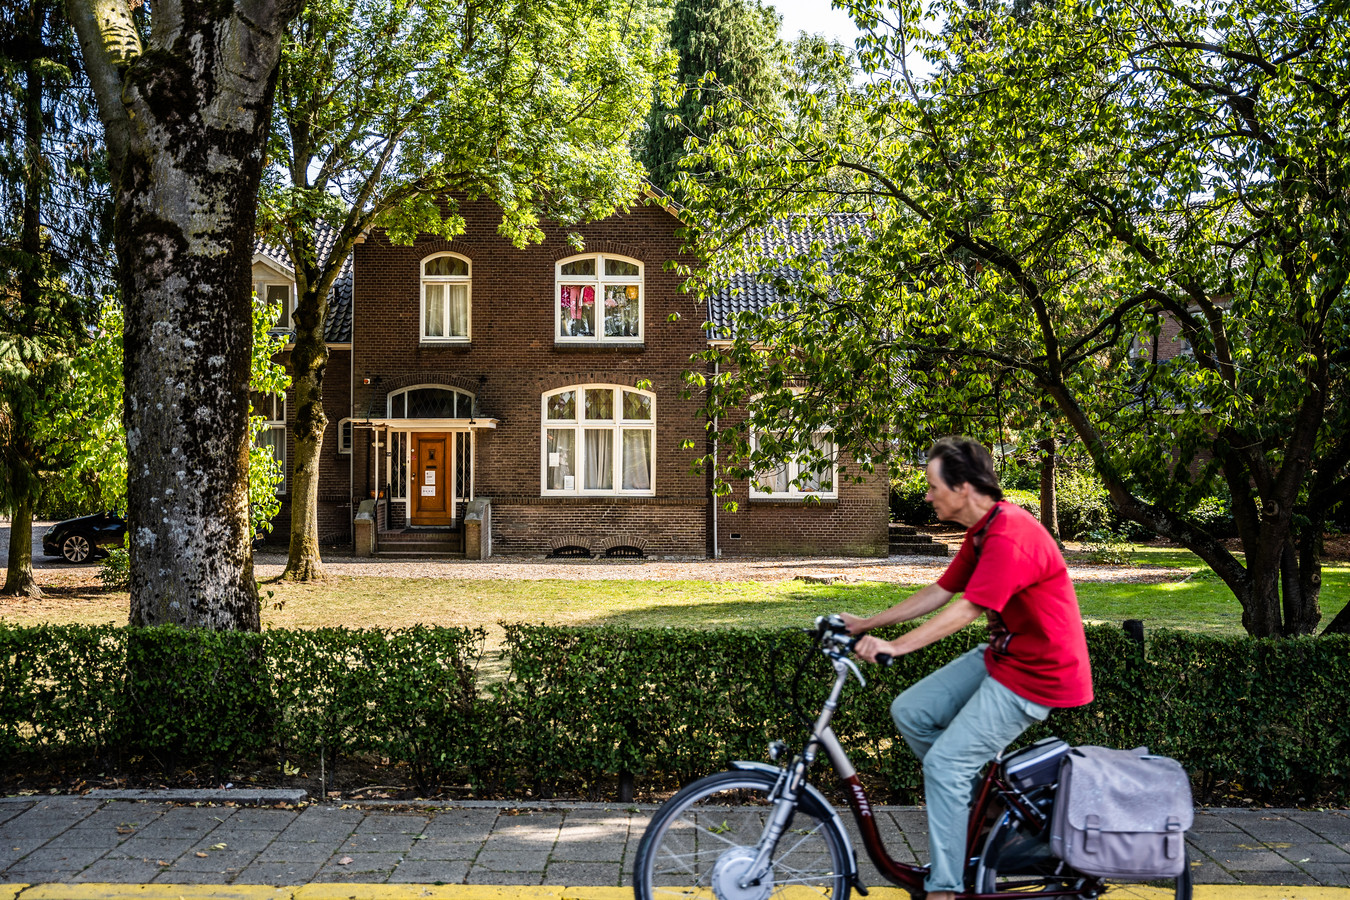 De pastorie naast de Lucaskerk in Elden wordt bij inschrijving verkocht. Het dorp hoopt dat het een toekomst krijgt waarin het aangezicht van het pand intact wordt gelaten.